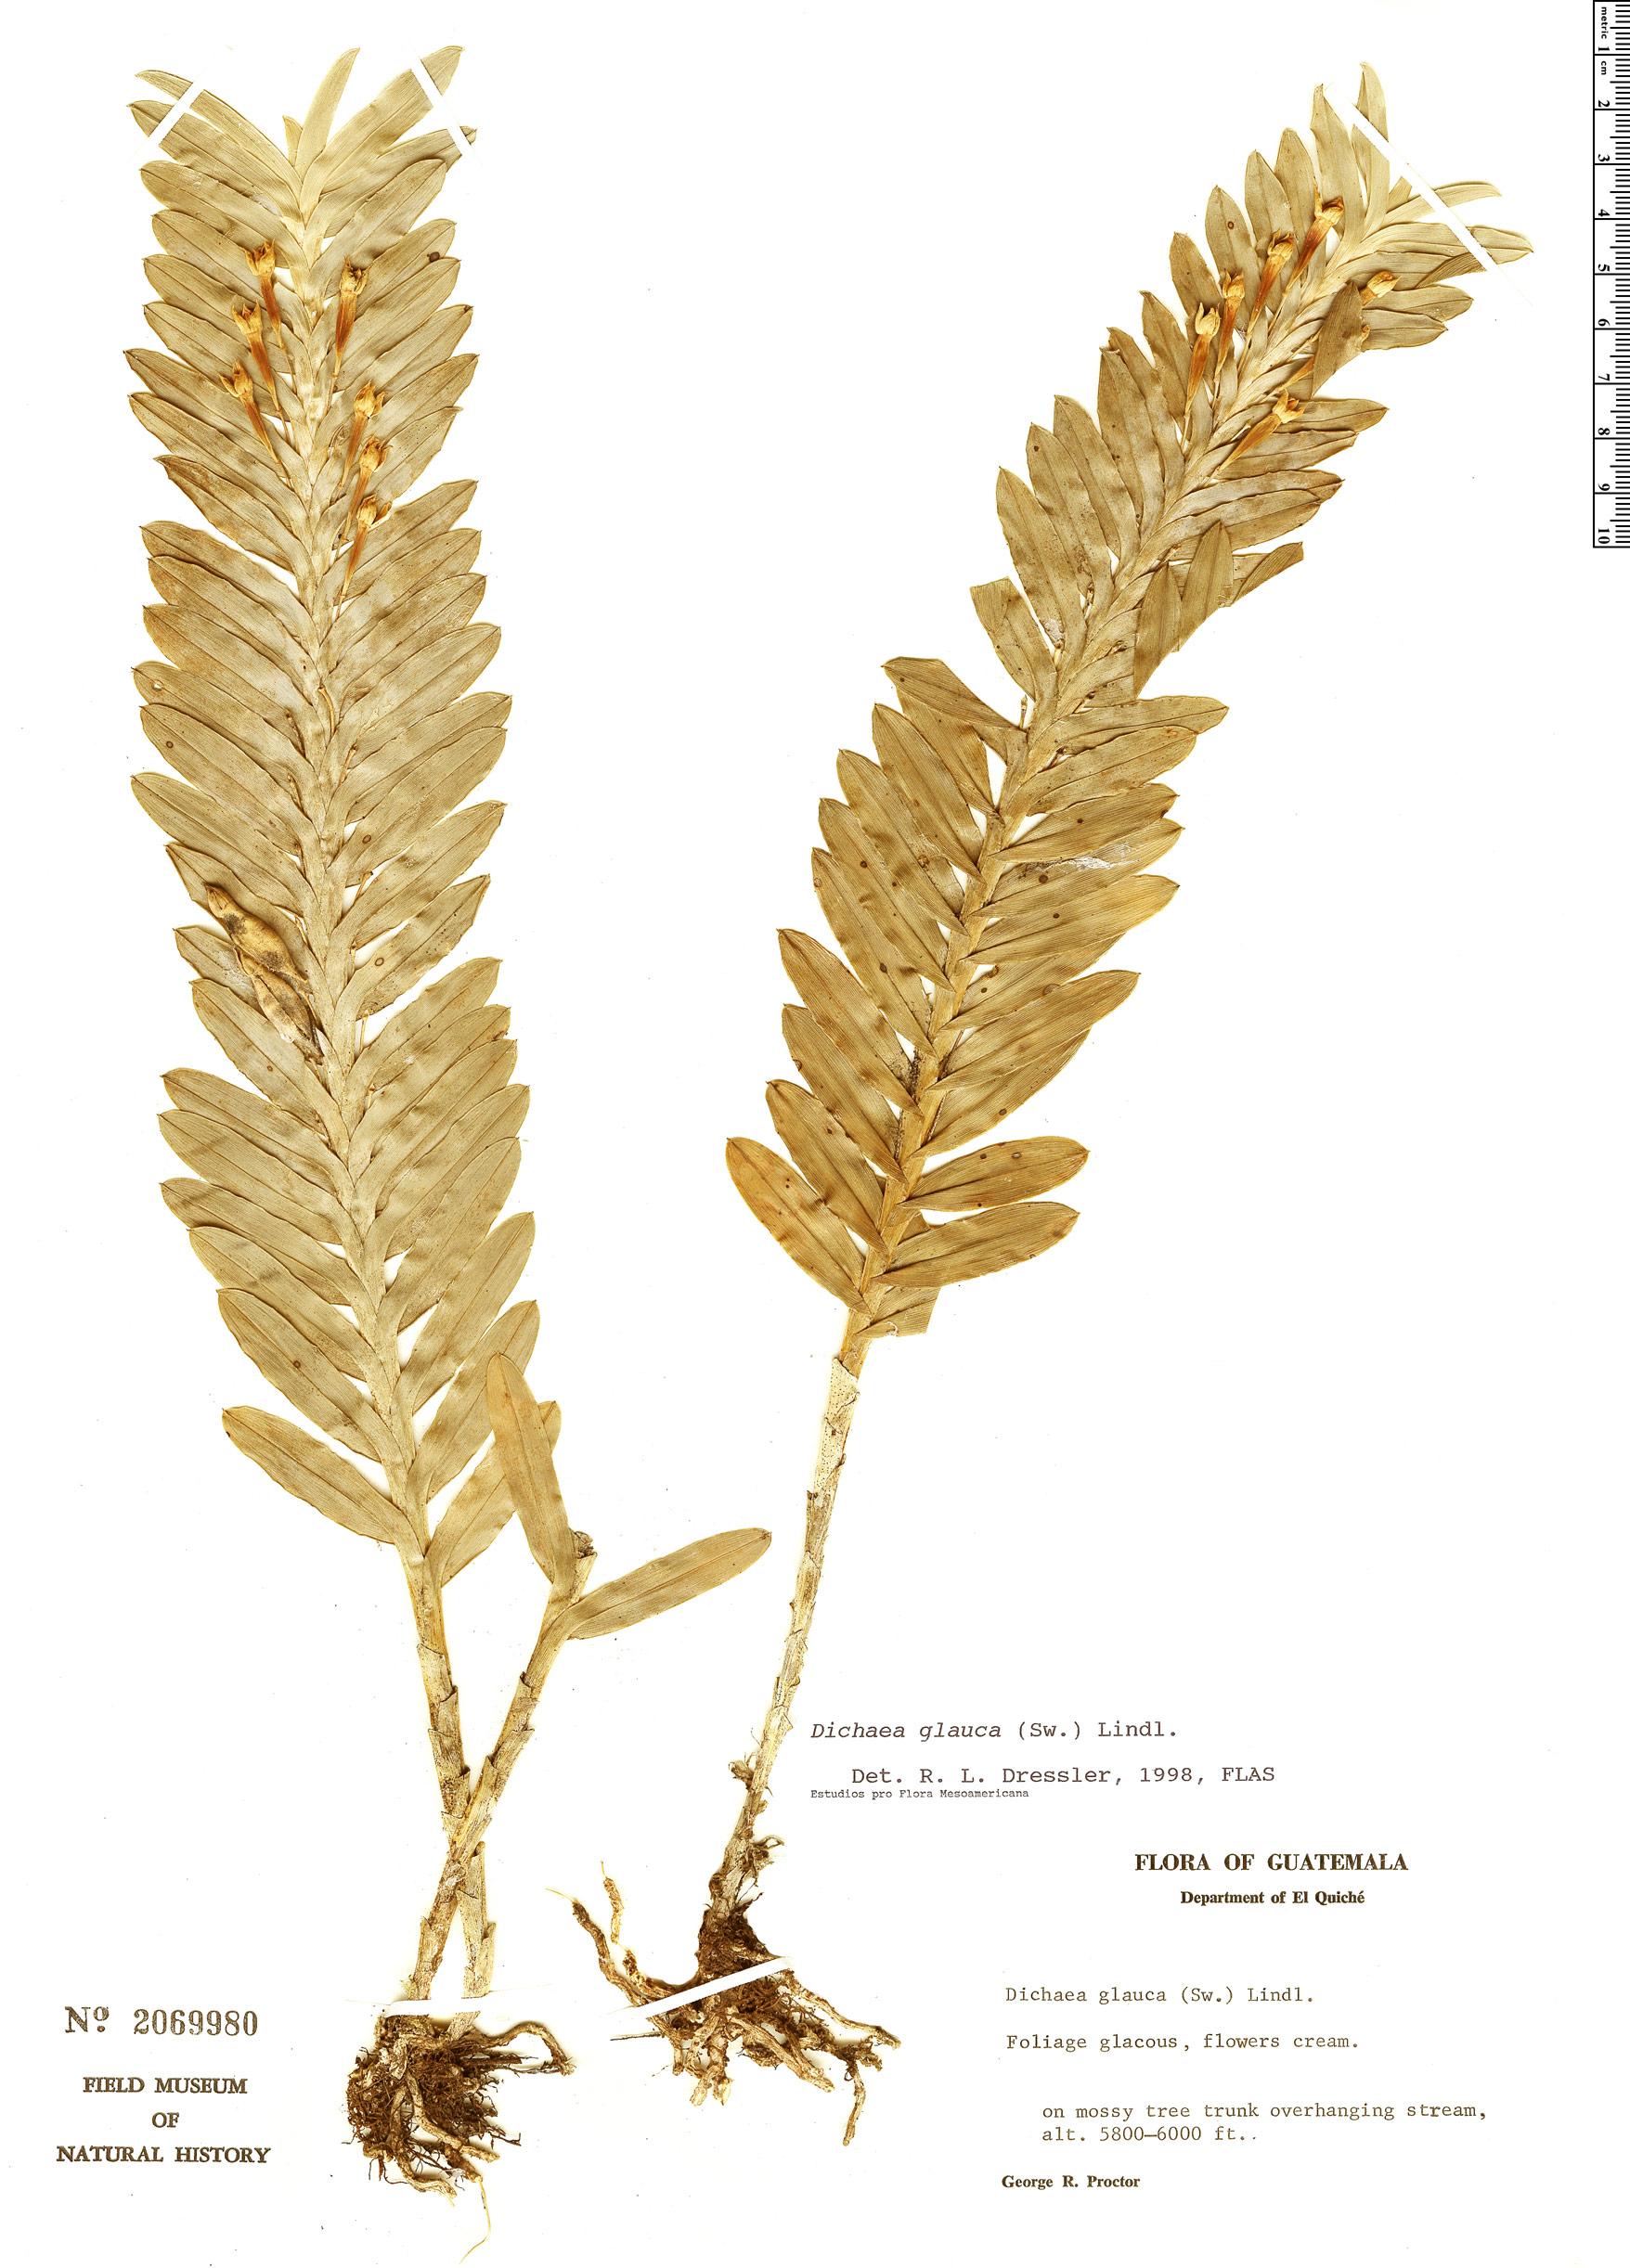 Specimen: Dichaea glauca